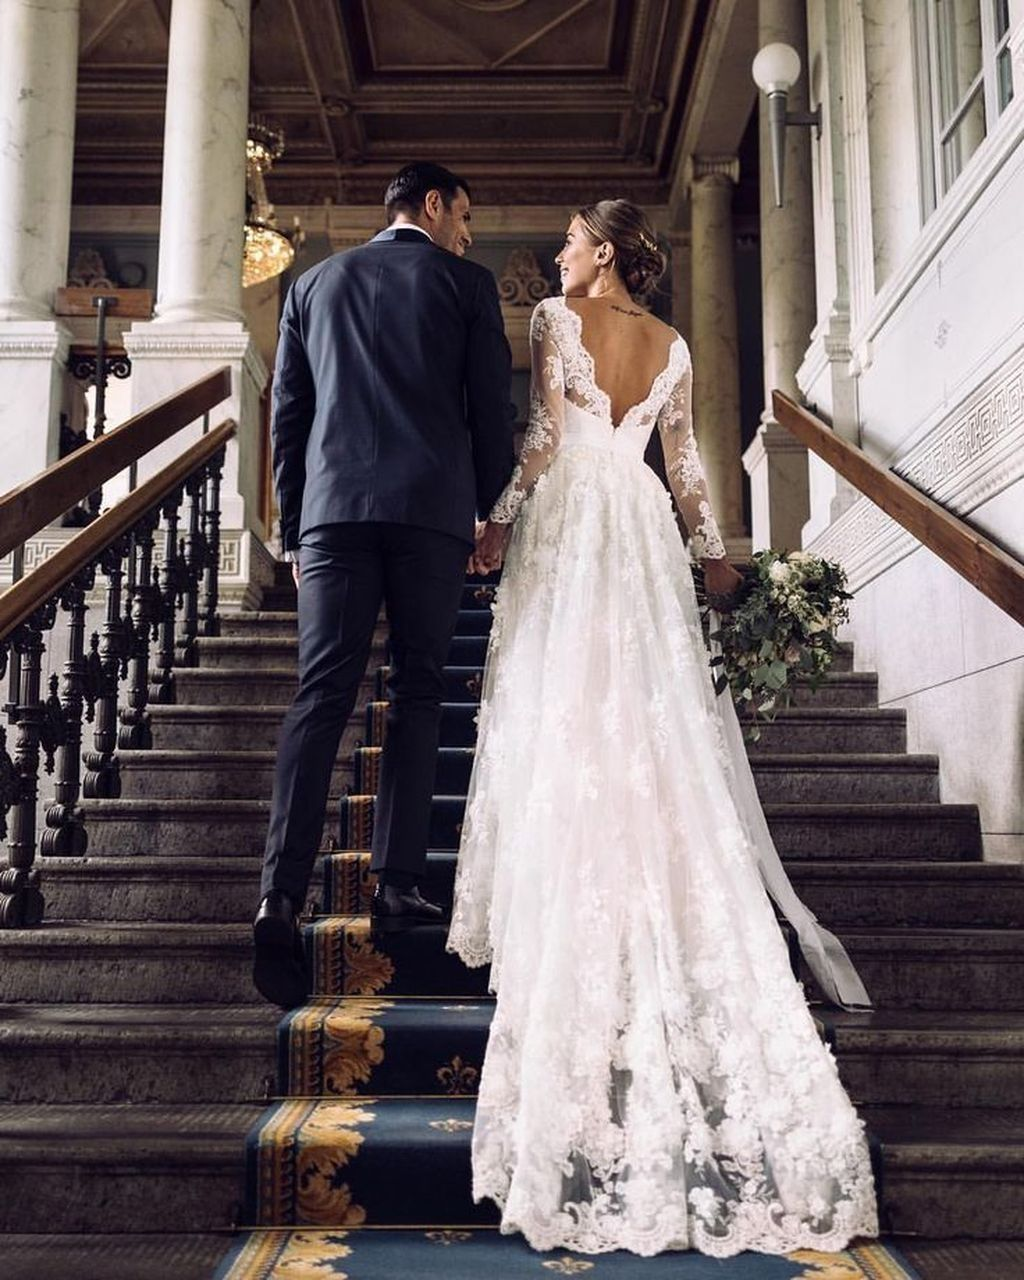 50 Pretty Fall Wedding Dresses 2018 Ideas Wedding Dresses Wedding Dresses 2018 Simple Homecoming Dresses